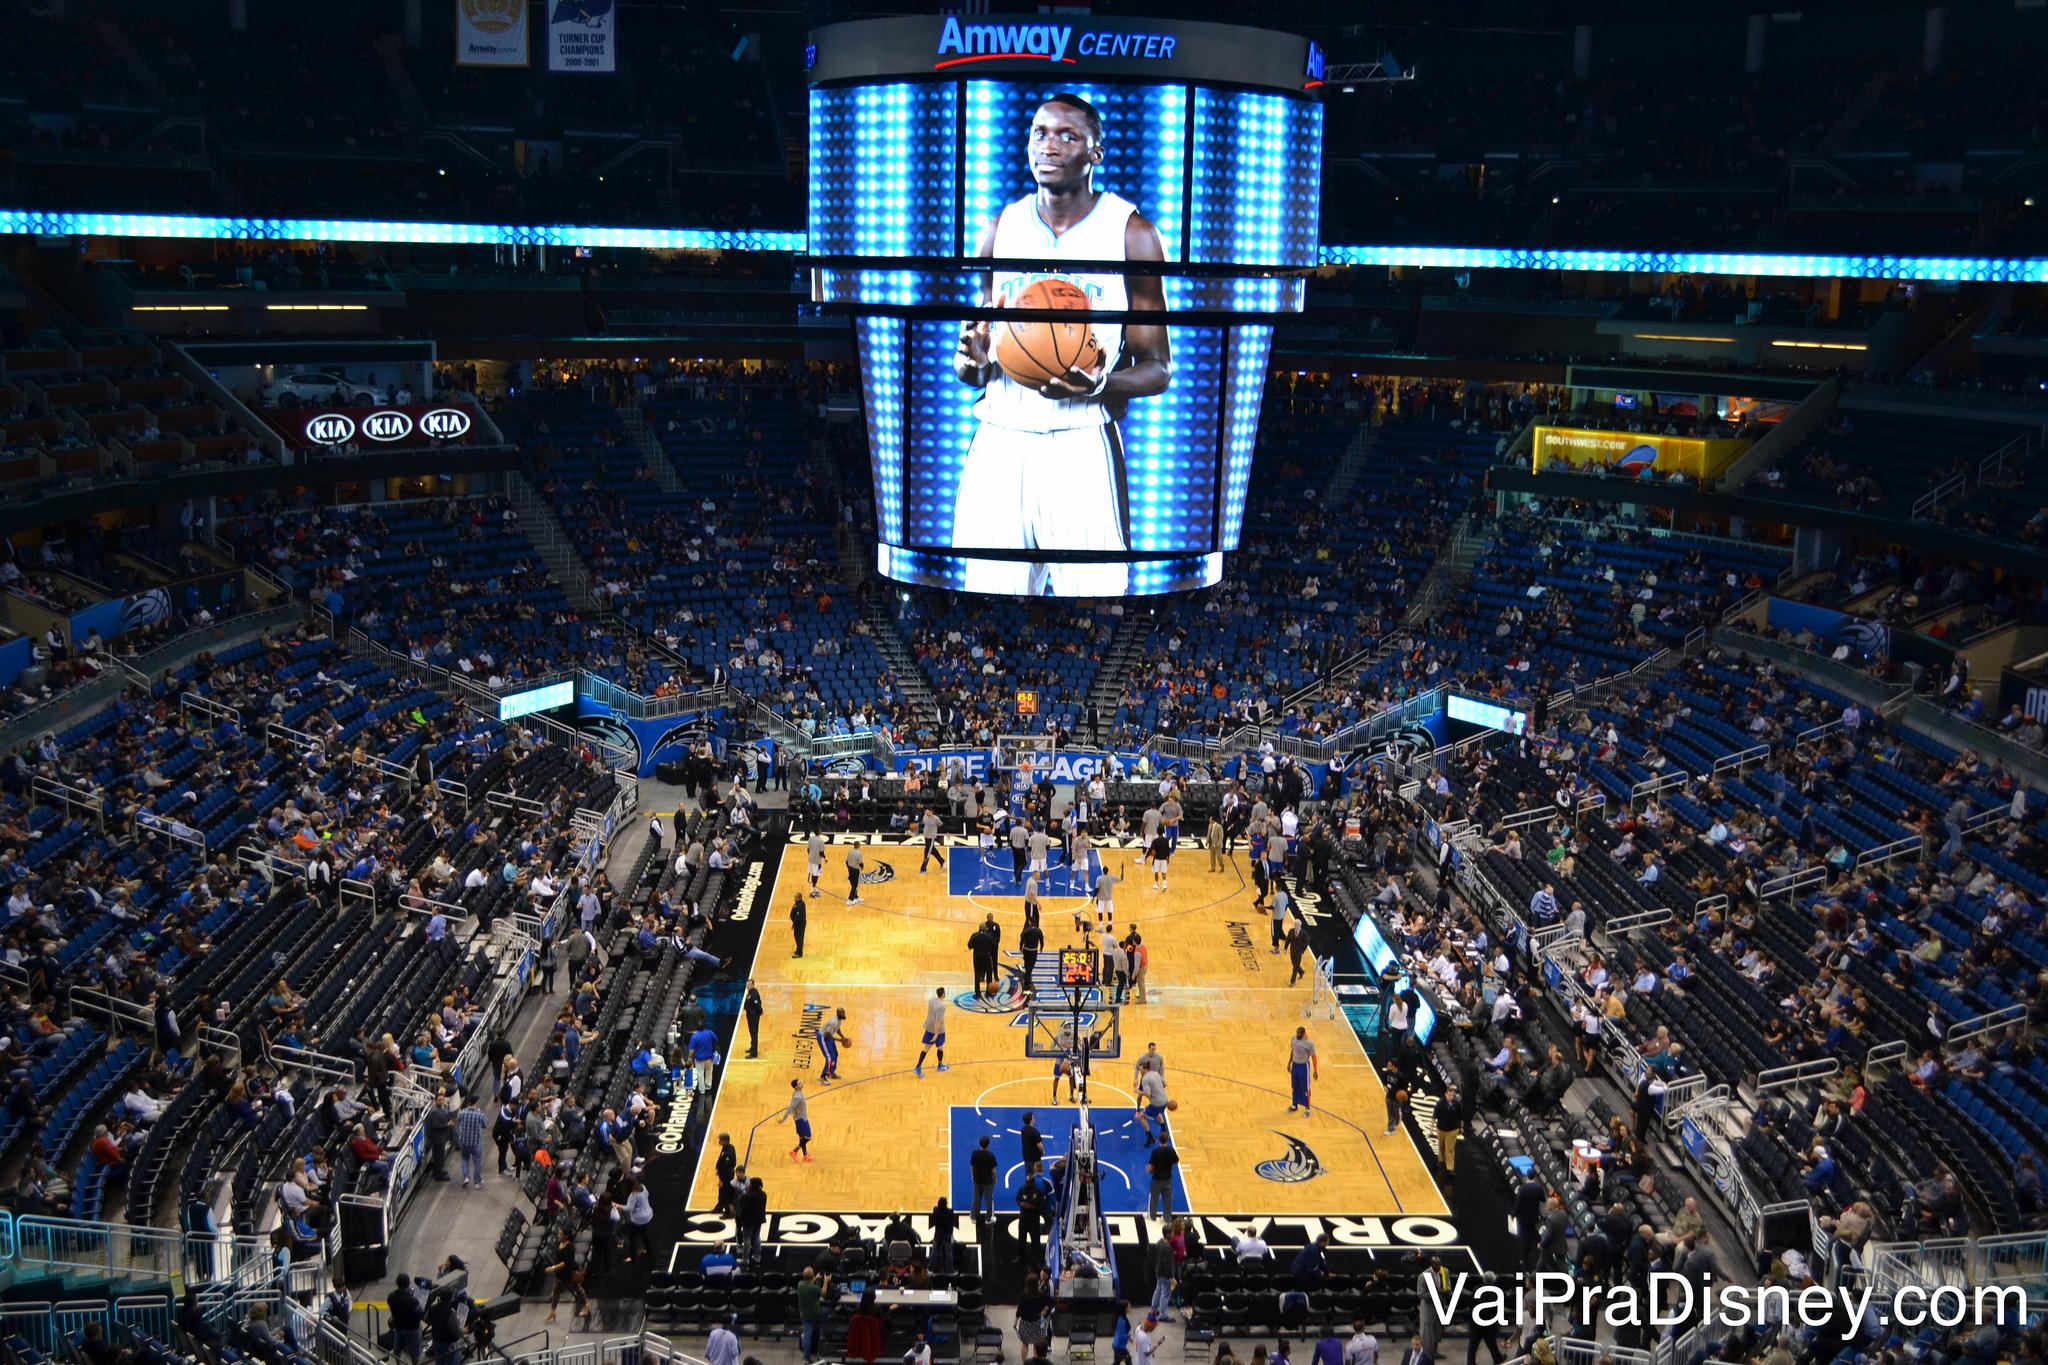 Adoro assistir jogos da NBA. Sempre que tem jogo quando estou em Orlando, é uma programação que vai direto para o meu roteiro!